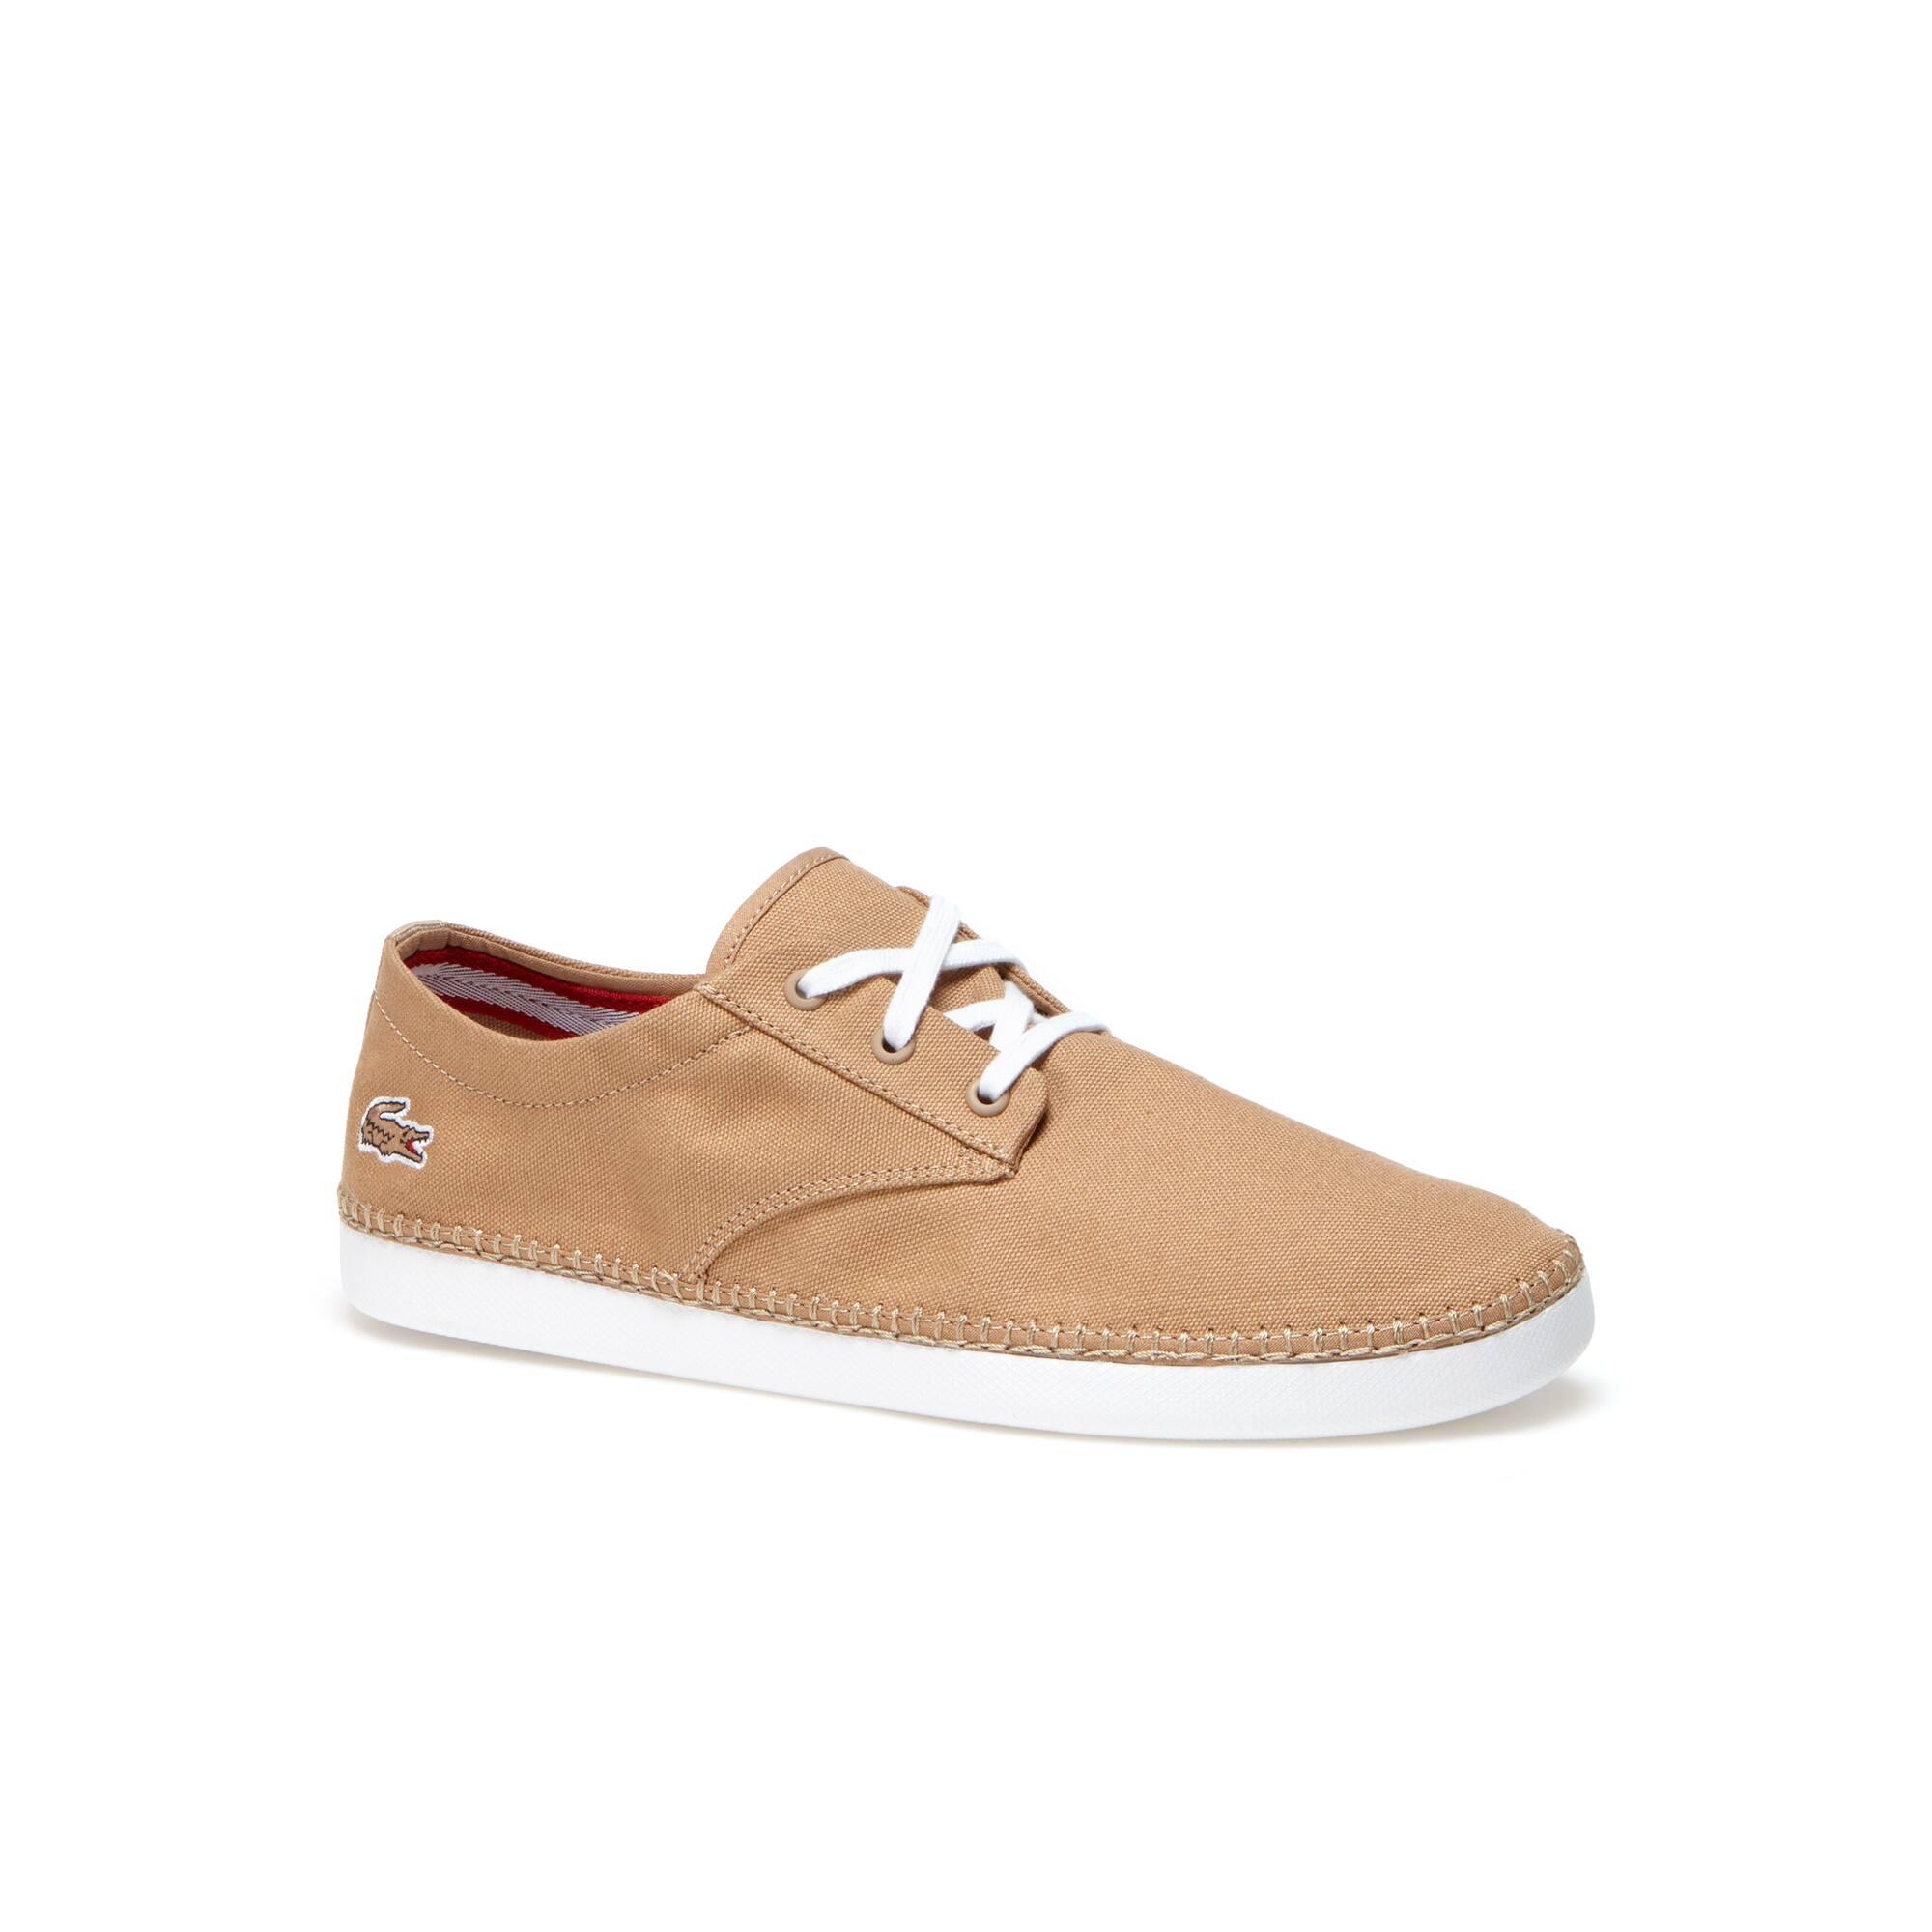 Zapatos L.ydro de lona para hombre